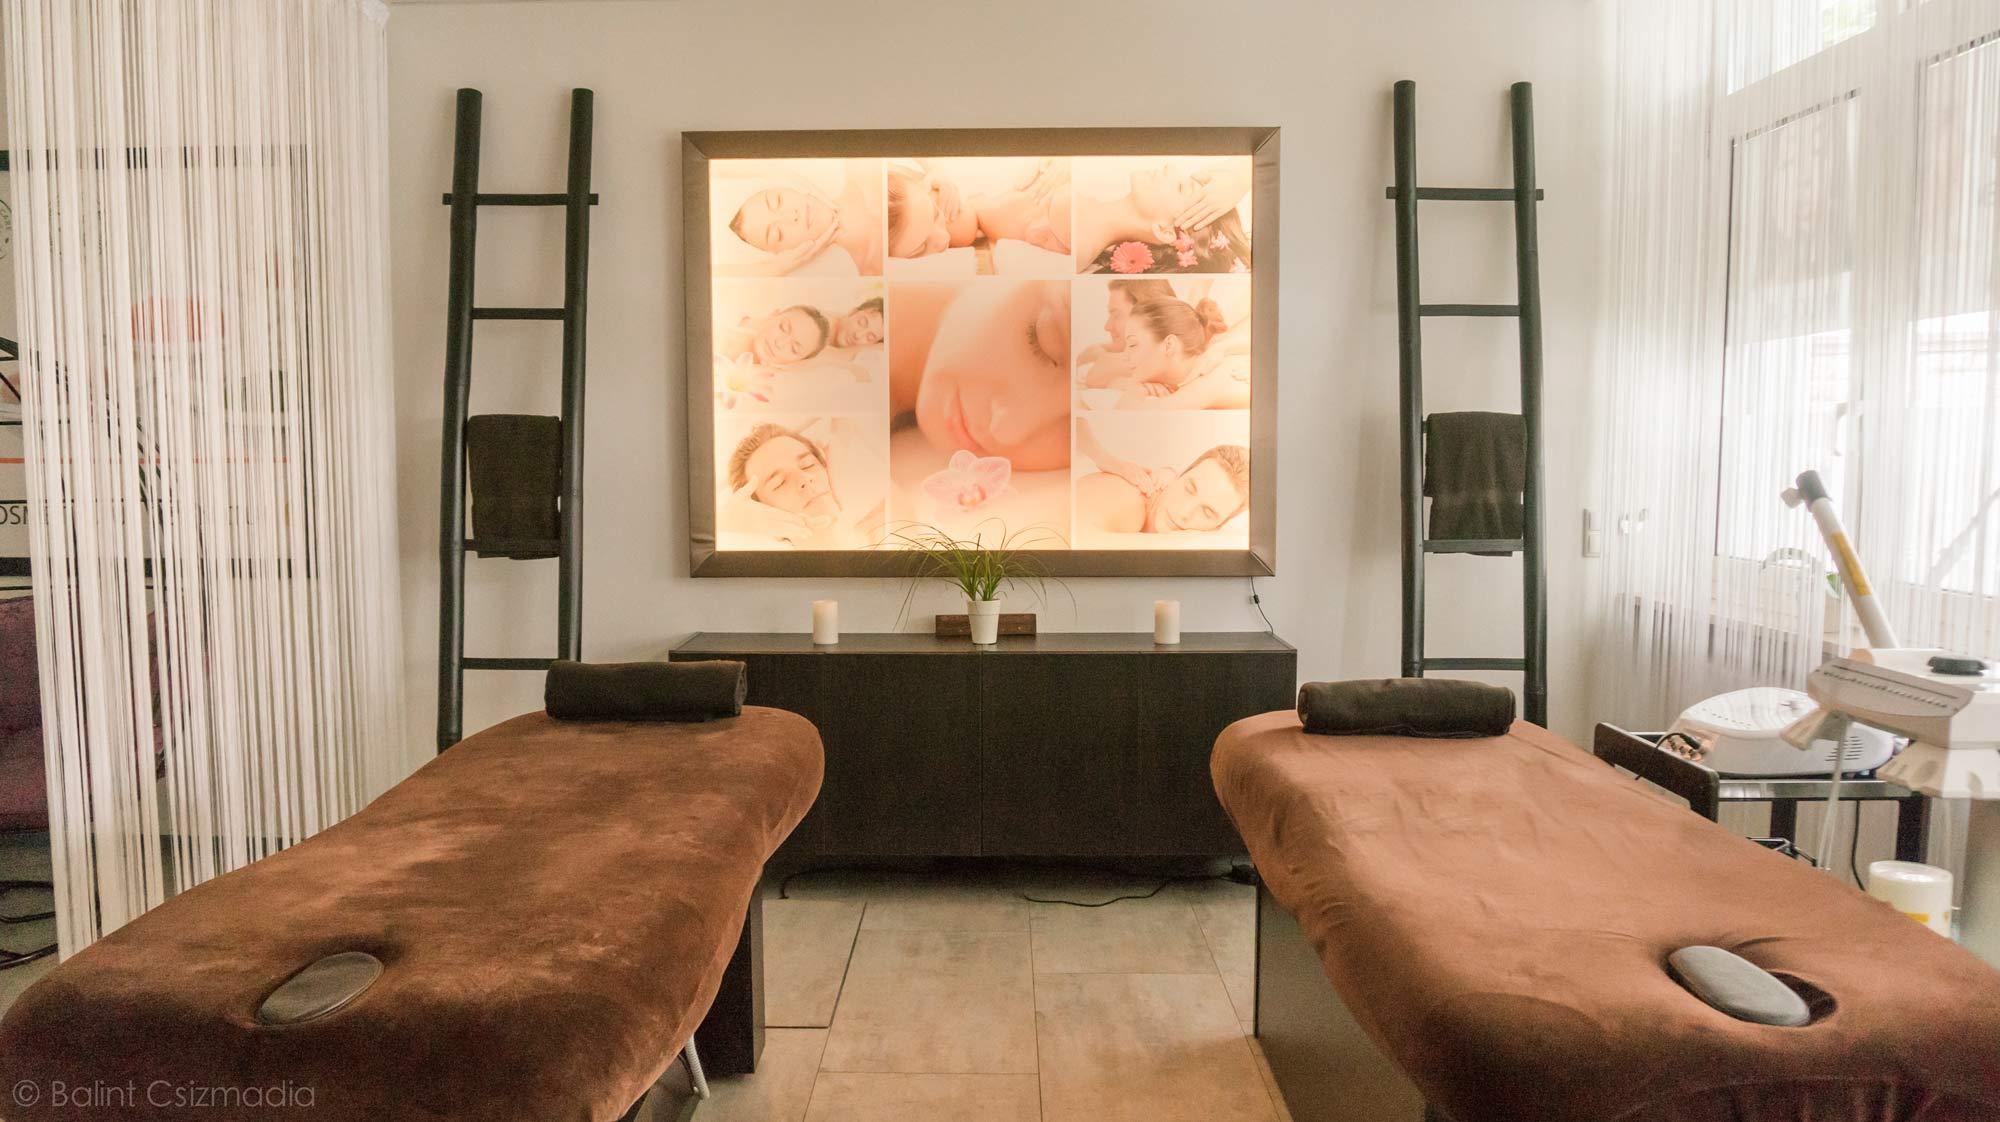 bild vom easy beauty rielasingen paarbehandlungsraum für massagen, waxing permanent make up etc